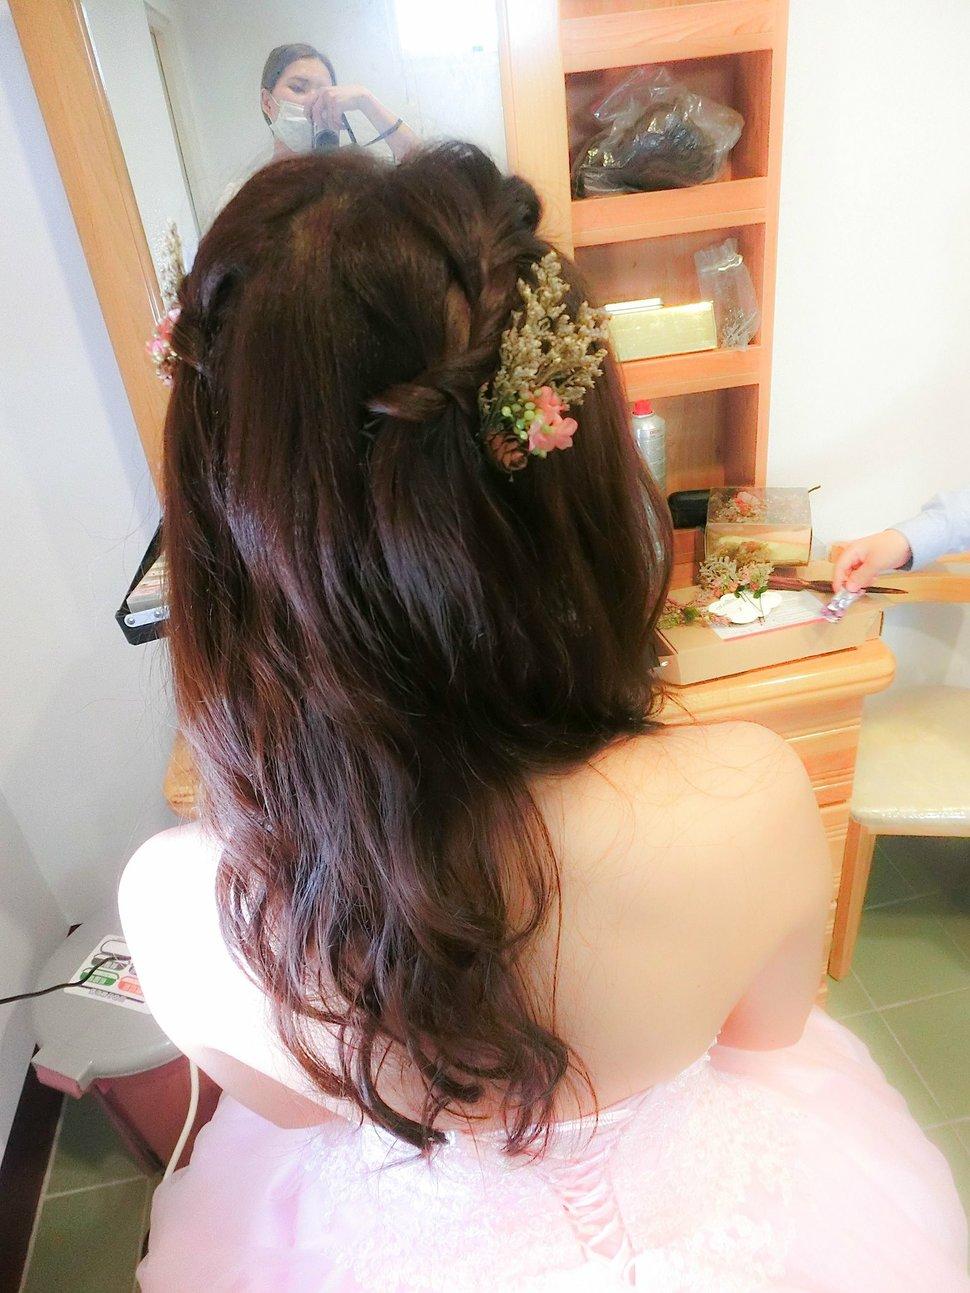 IMG_8485 - 新娘秘書芳容老師 - 結婚吧